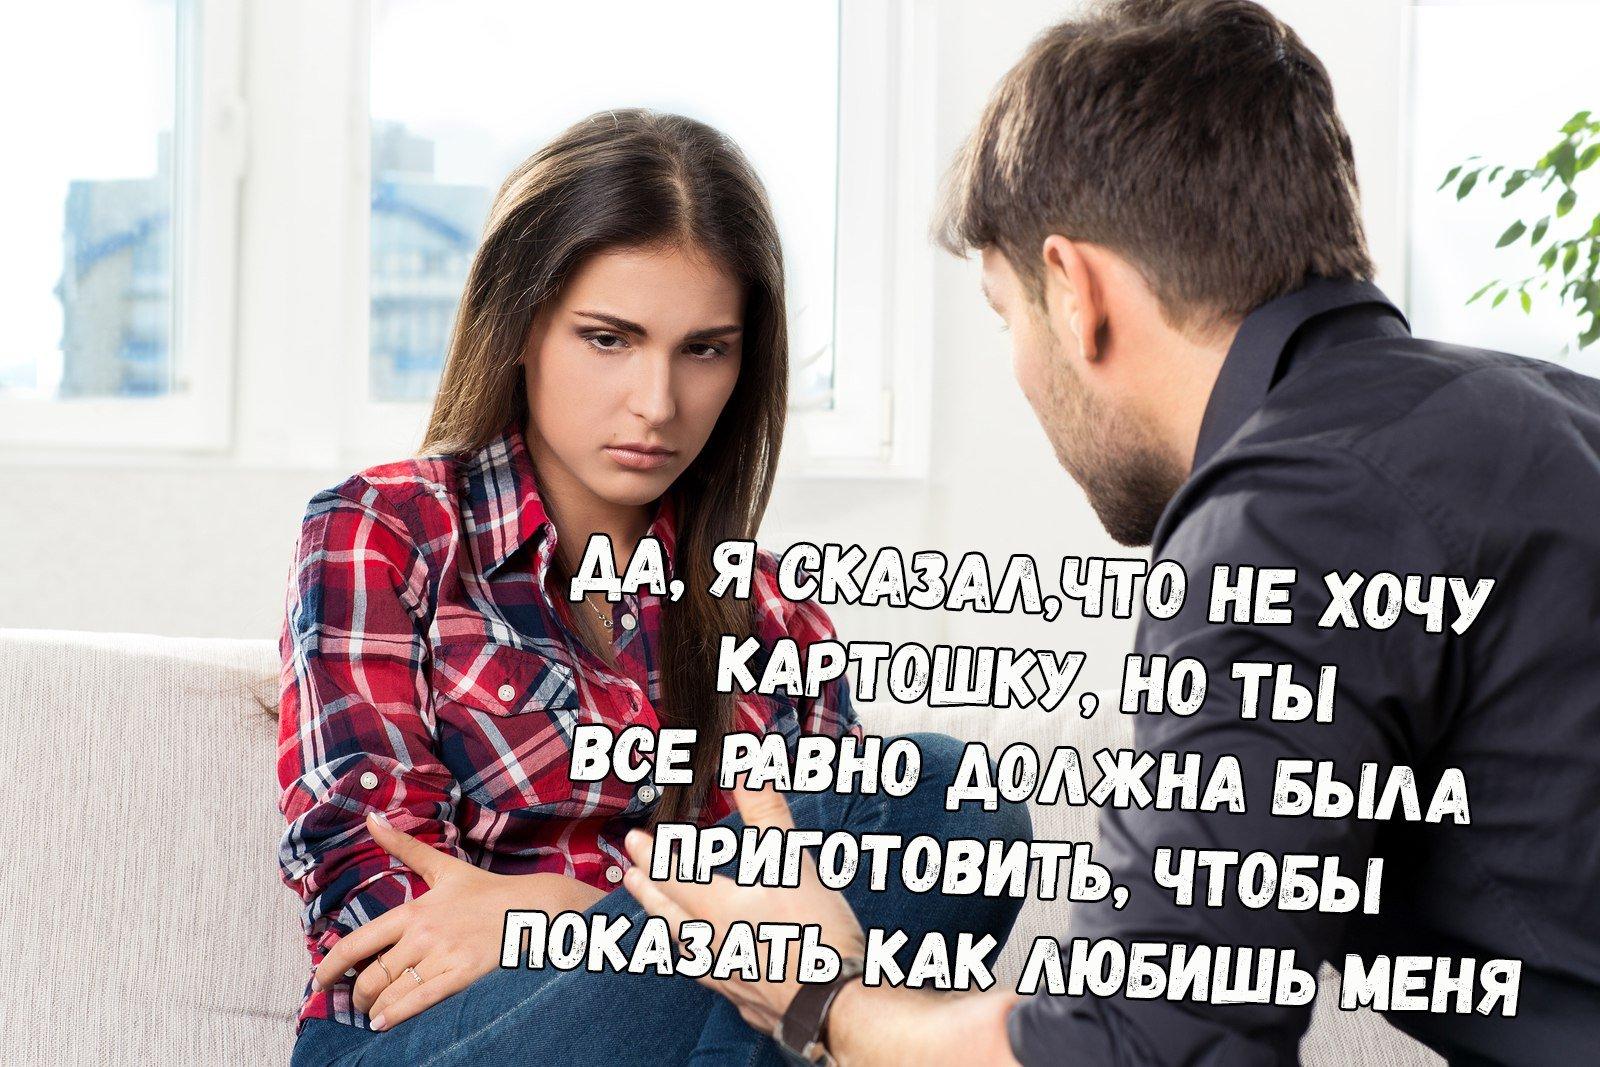 Если мужчины начнут вести себя, как женщины